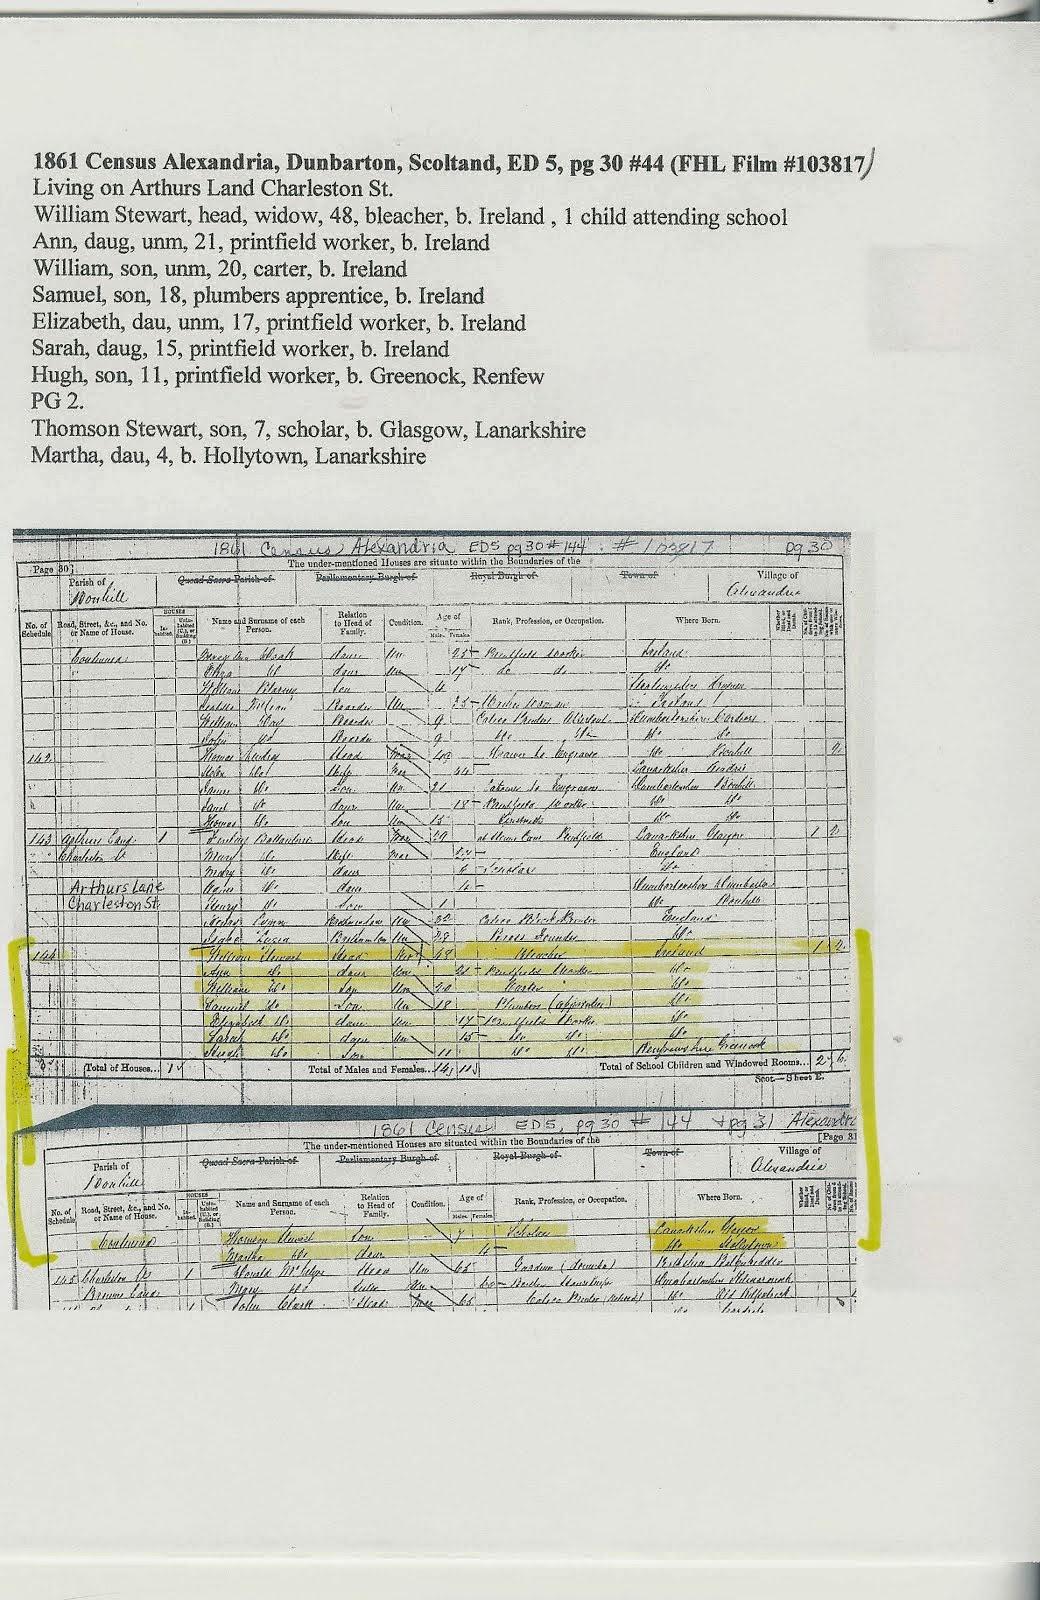 1861 Census Bonhill, Alexandria, Dumbarton, Scotland